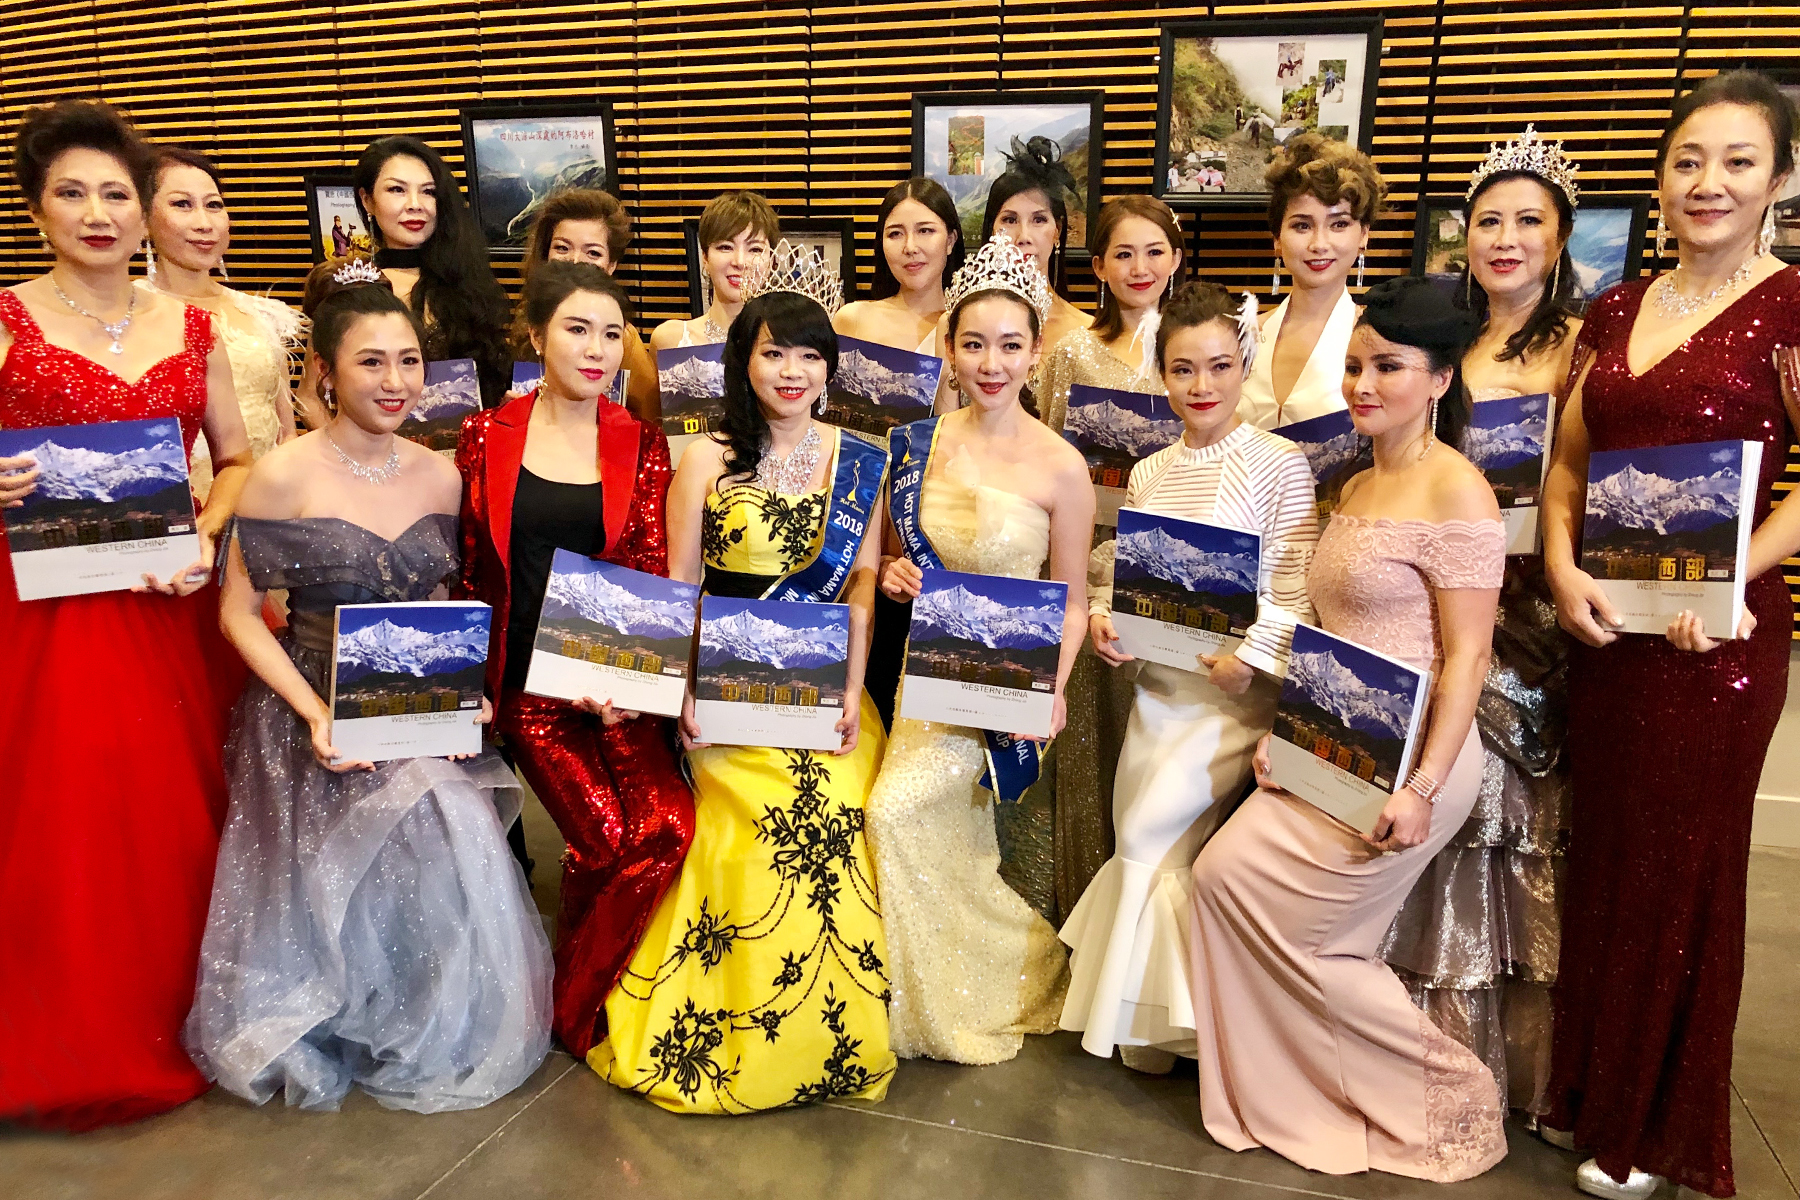 參賽的國際辣媽們支持組委會向中國西部貧困地區捐款。